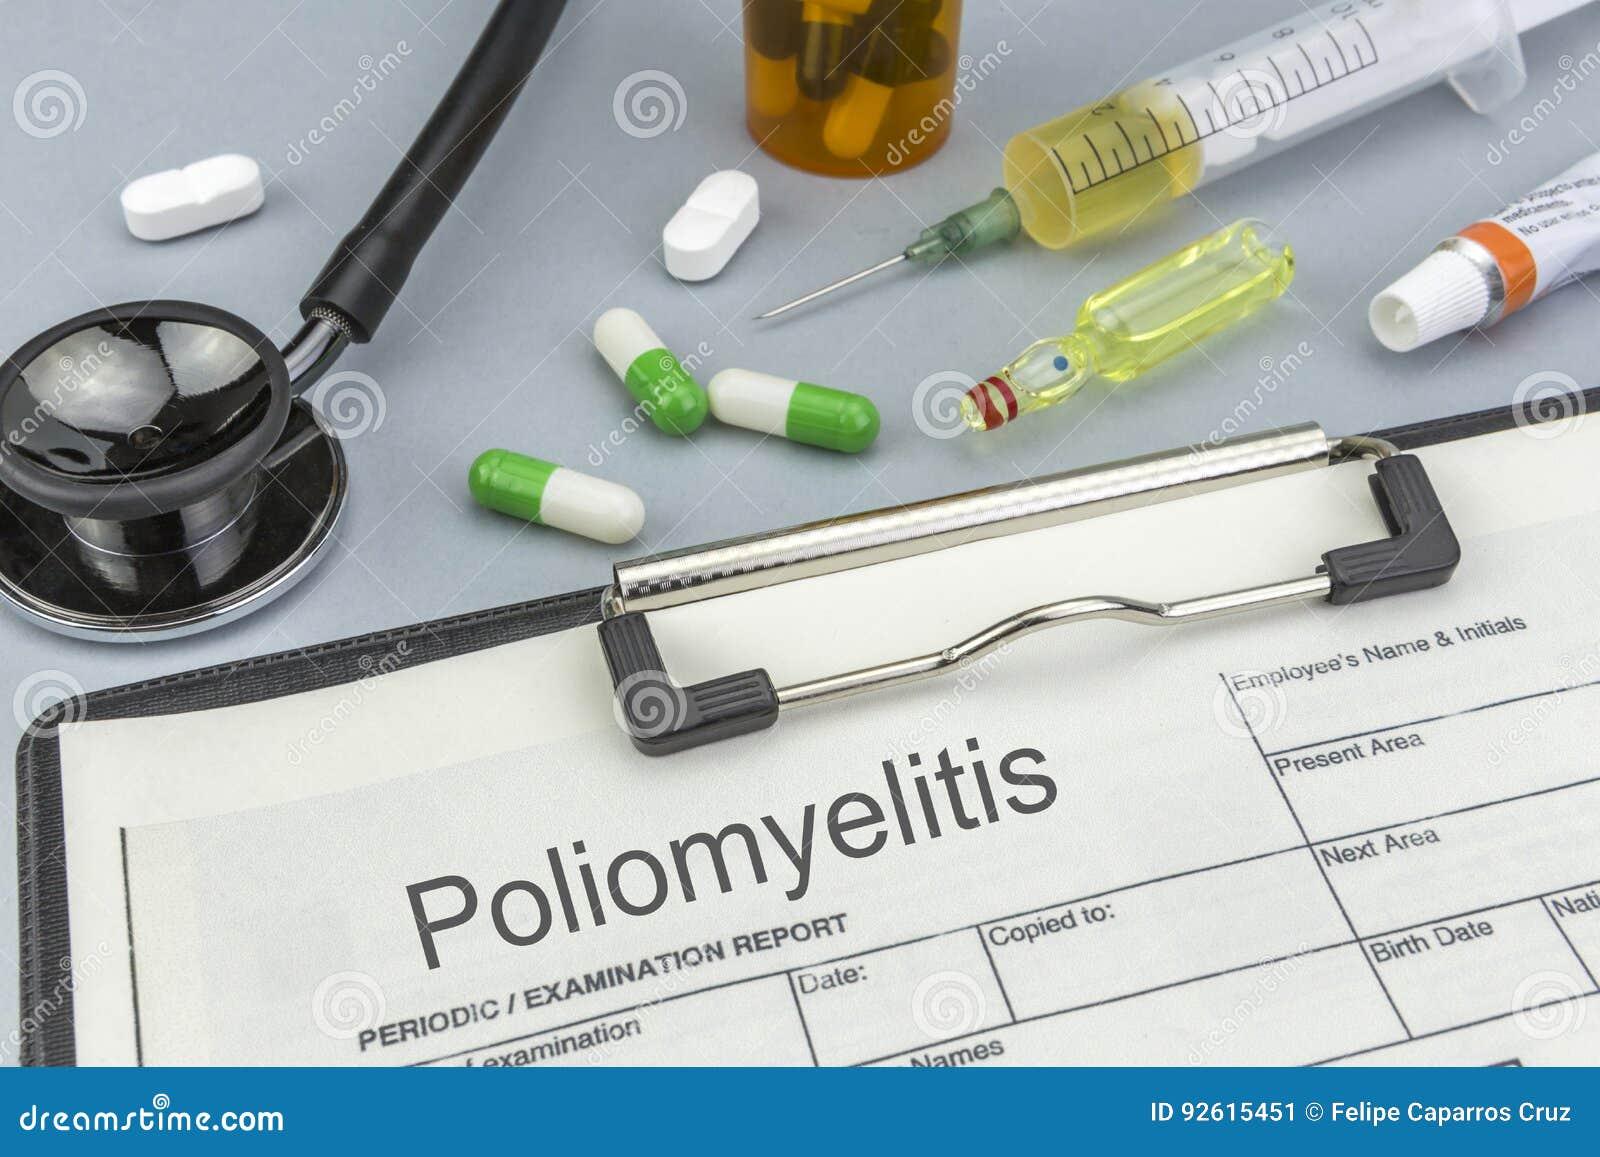 小儿麻痹症、医学和注射器作为概念